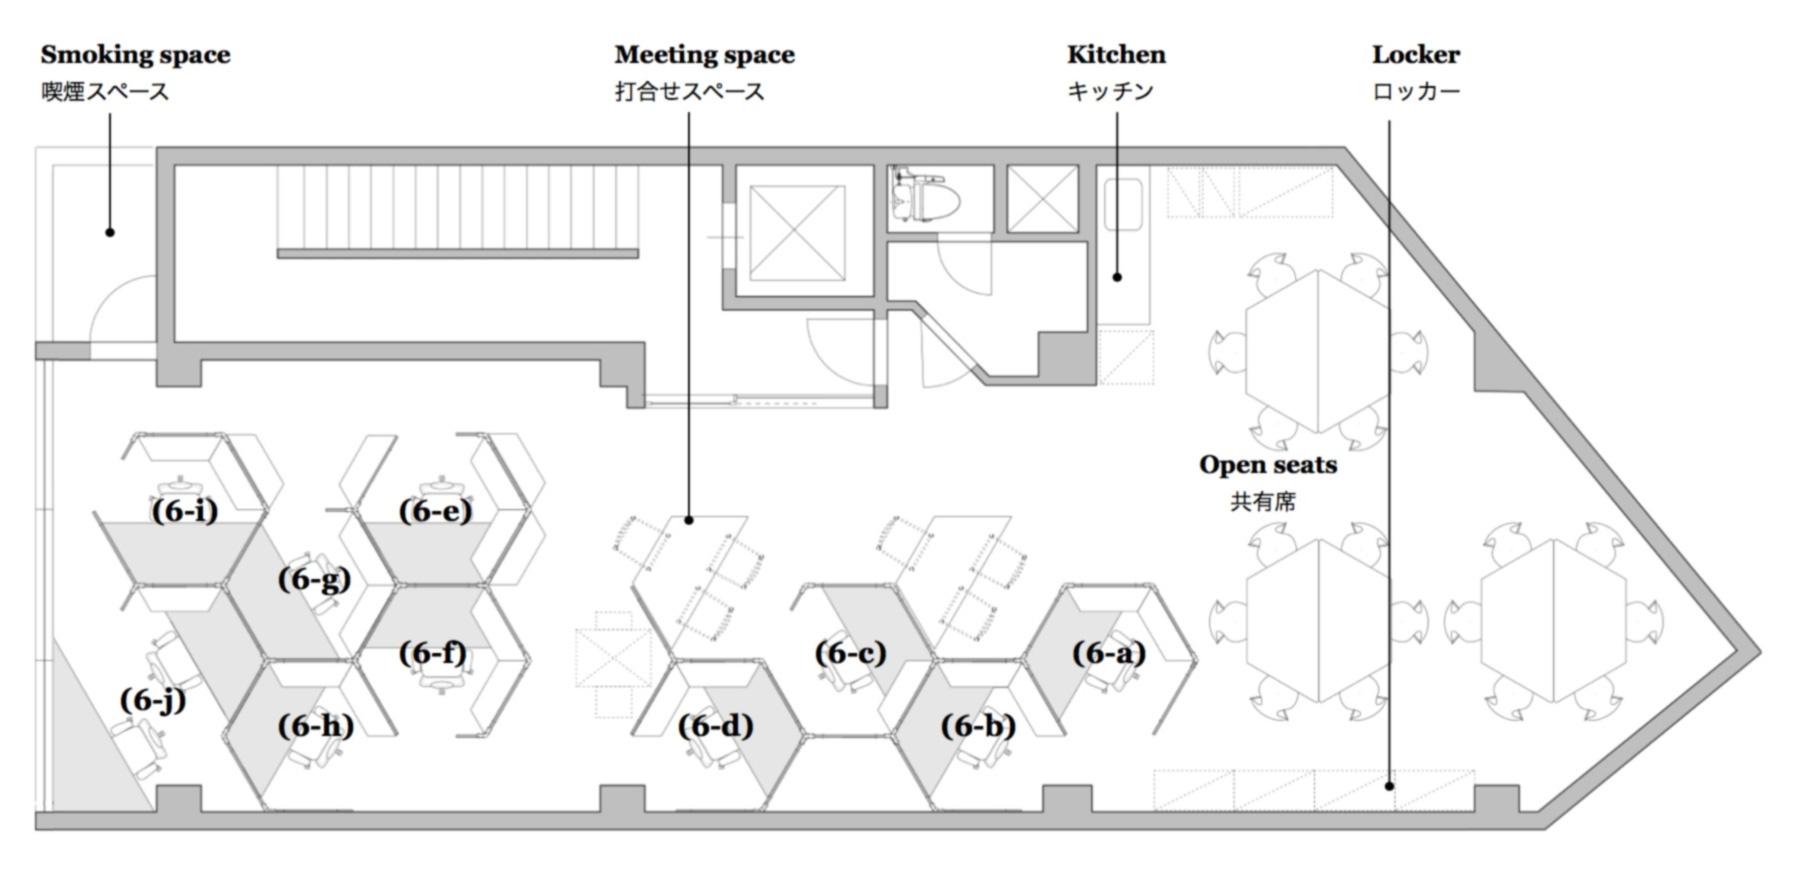 渋谷 シェアオフィス x コワーキング | Connecting The Dots SHIBUYA|6階レイアウト